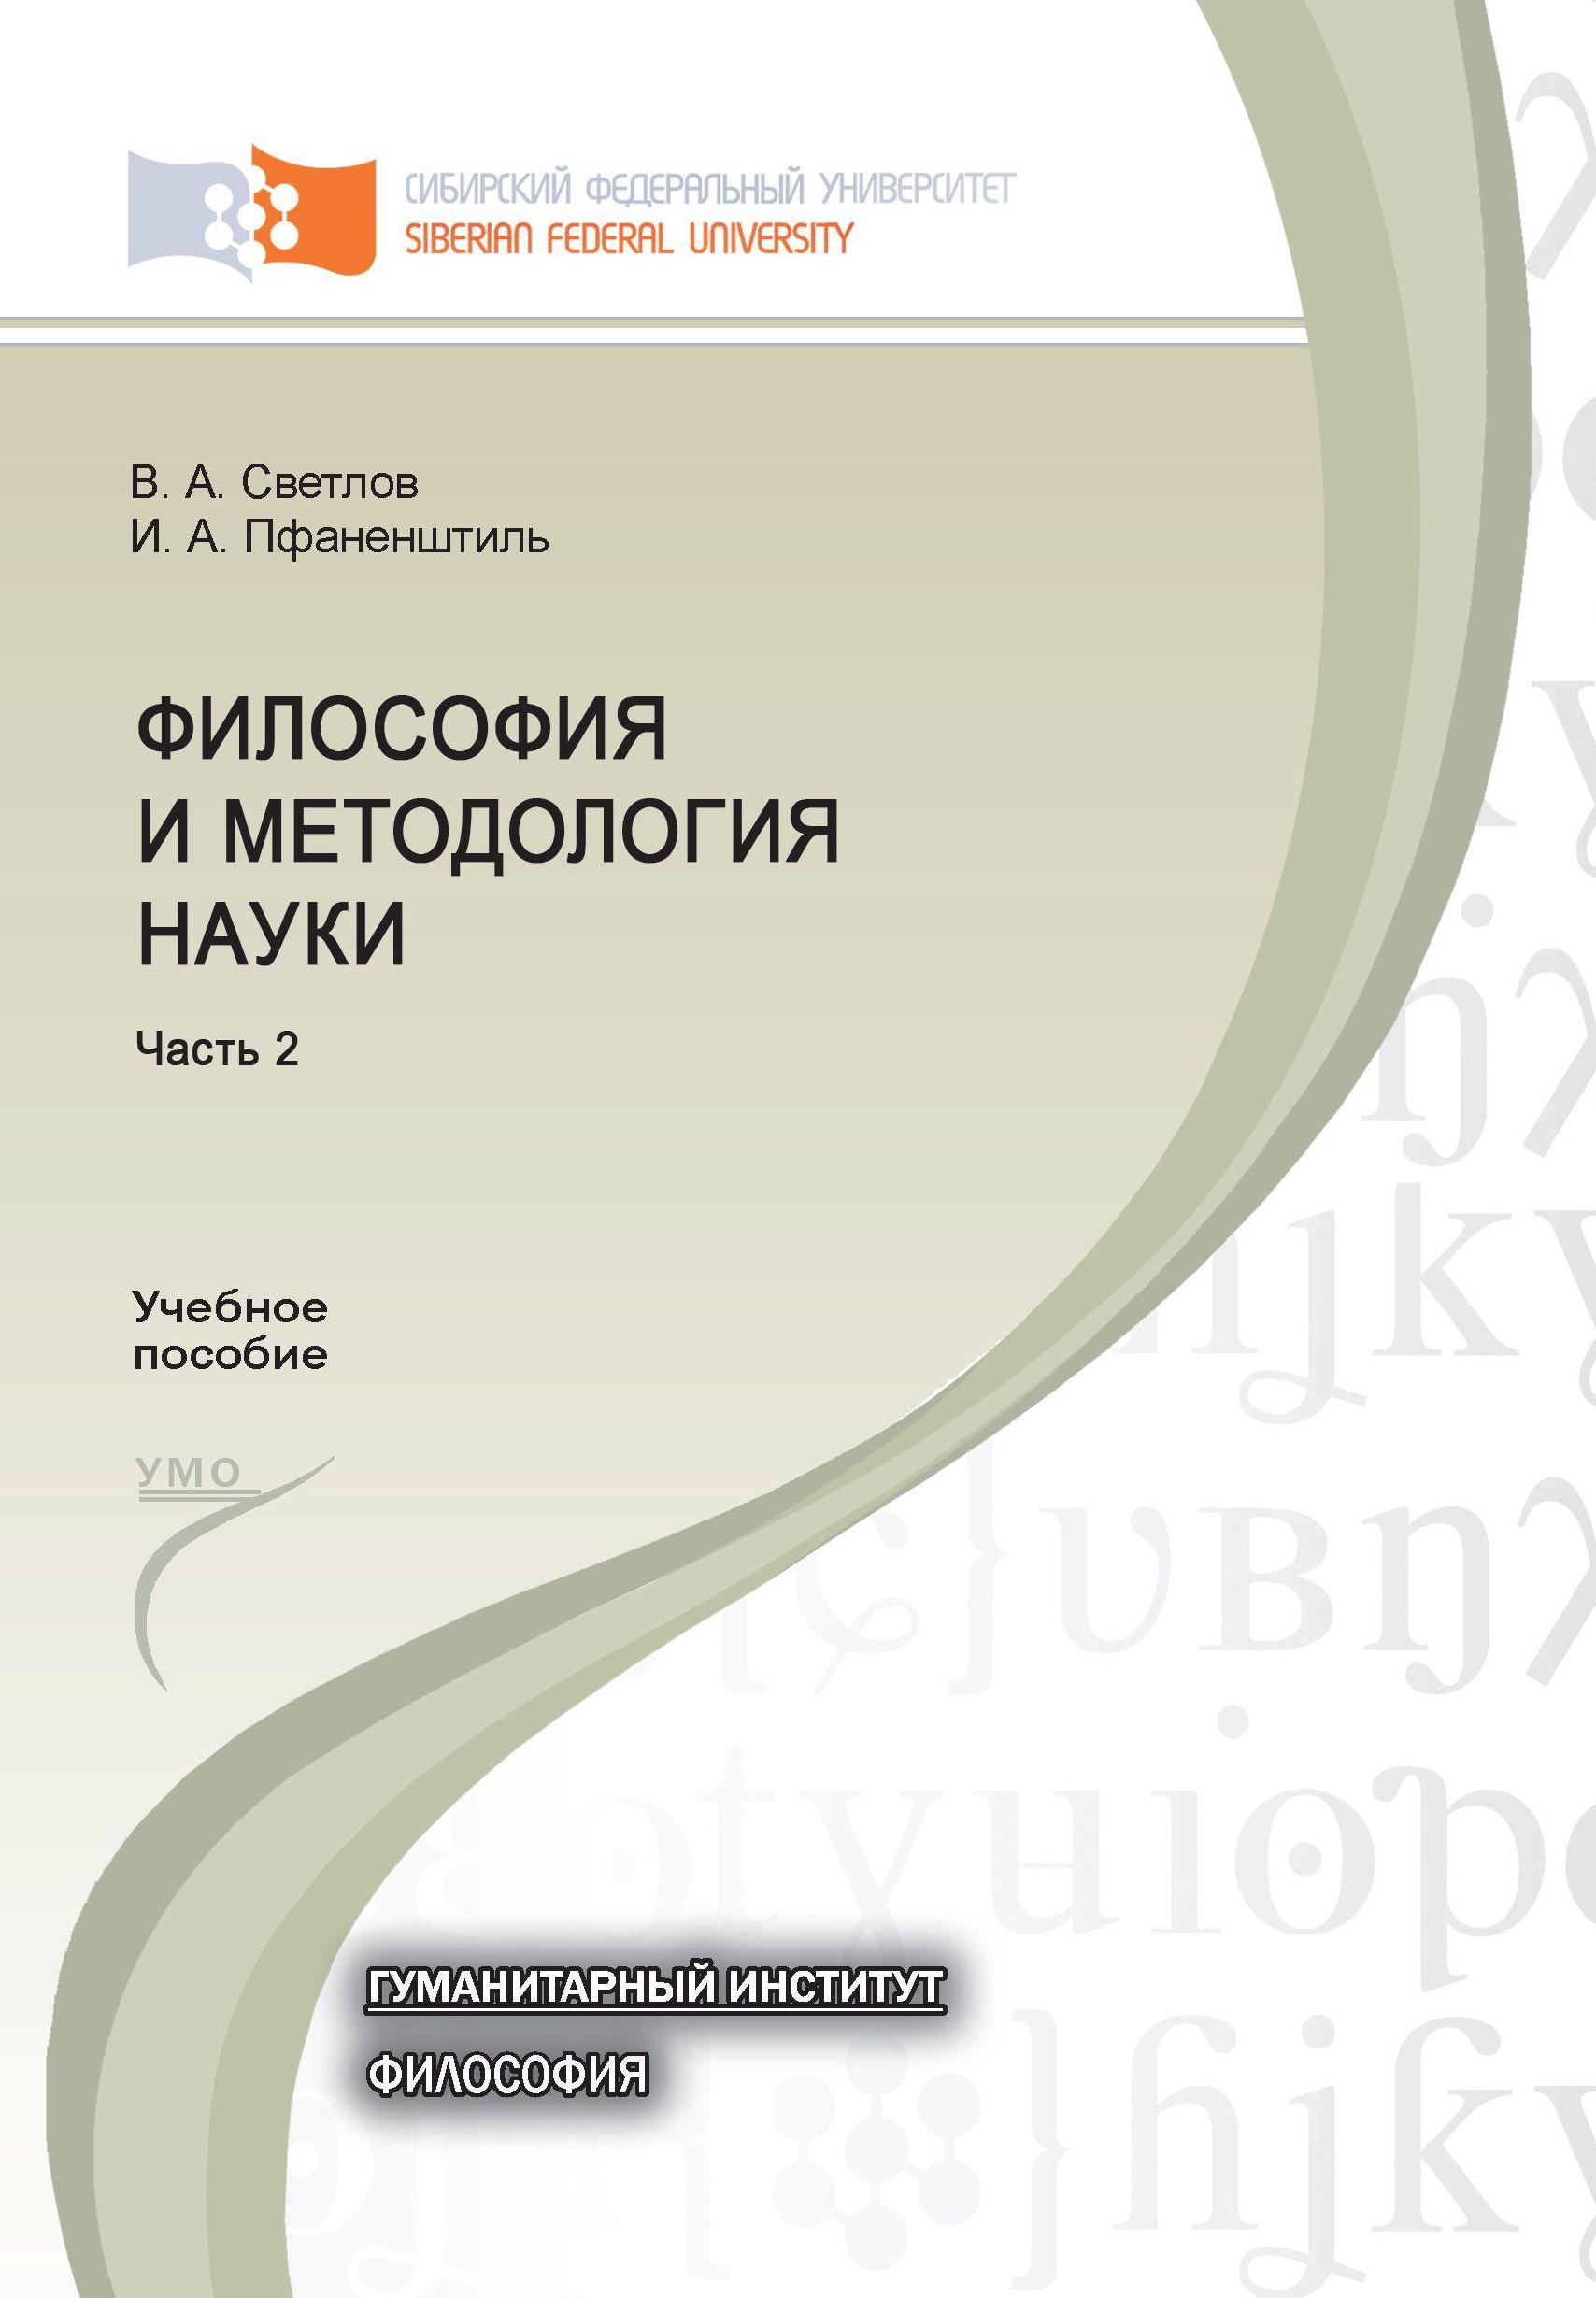 Виктор Александрович Светлов Философия и методология науки. Часть 2